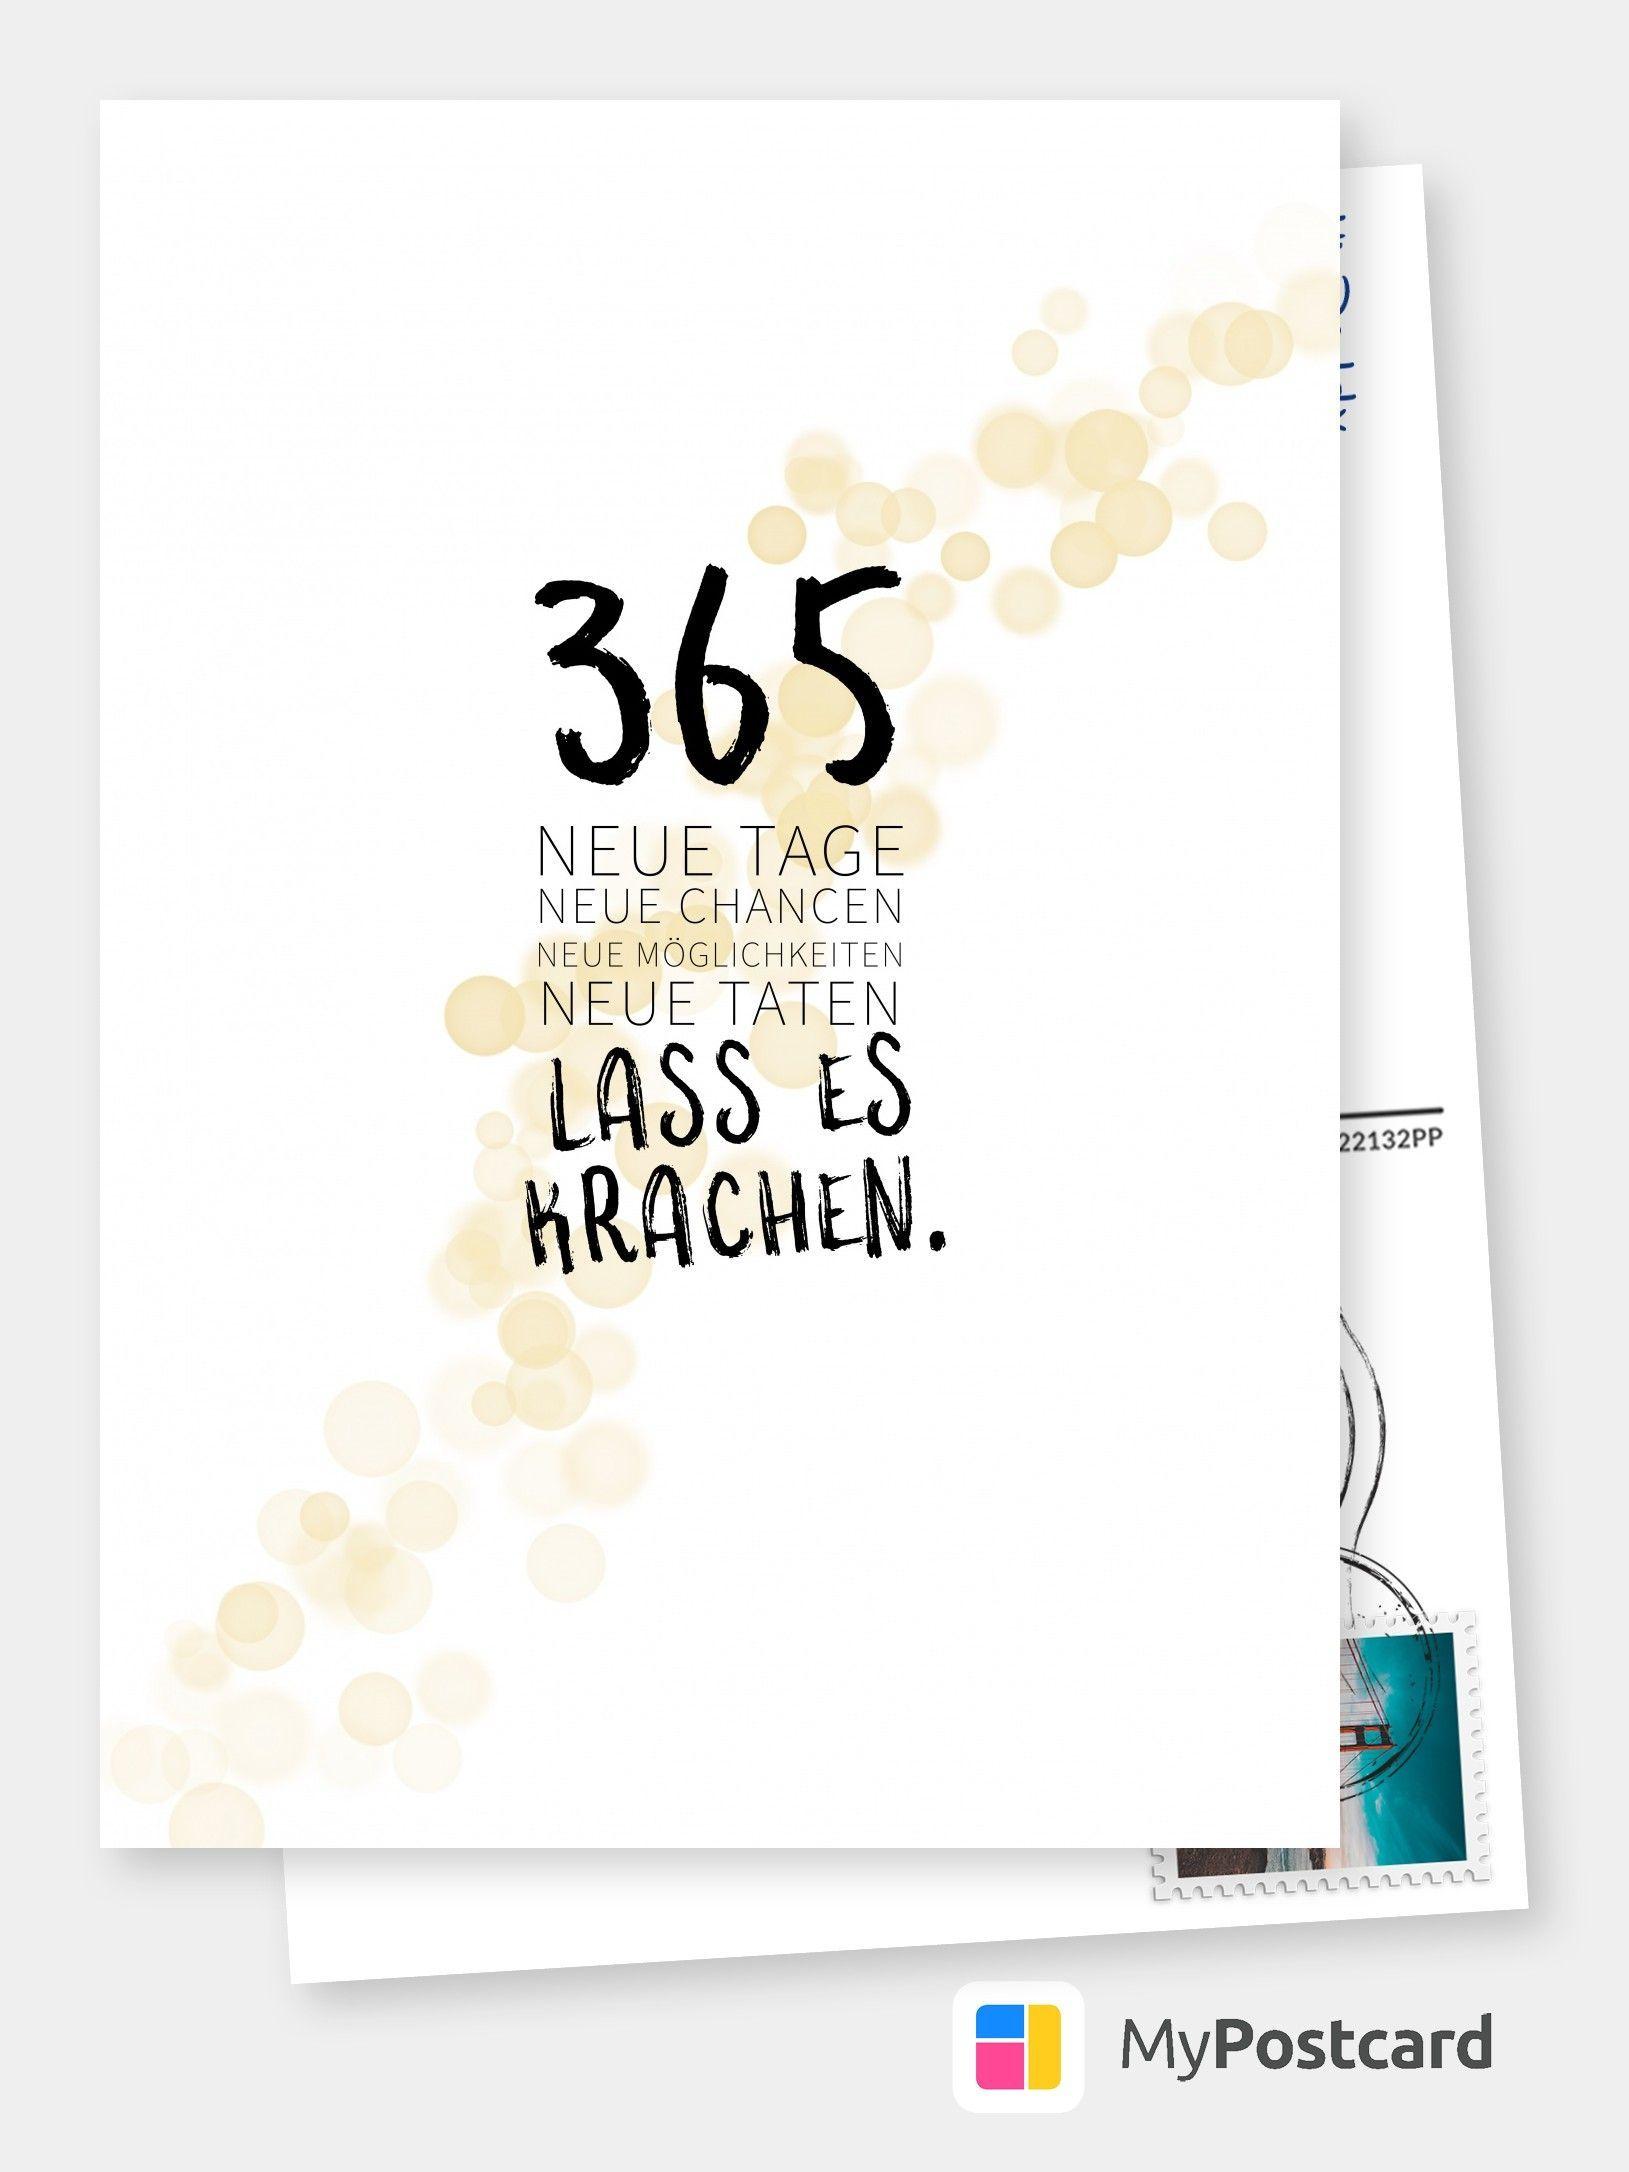 Neujahrsgrüße - Frohes Neues Jahr Karten / Frohes Neues Jahr in Neujahrswünsche Karten